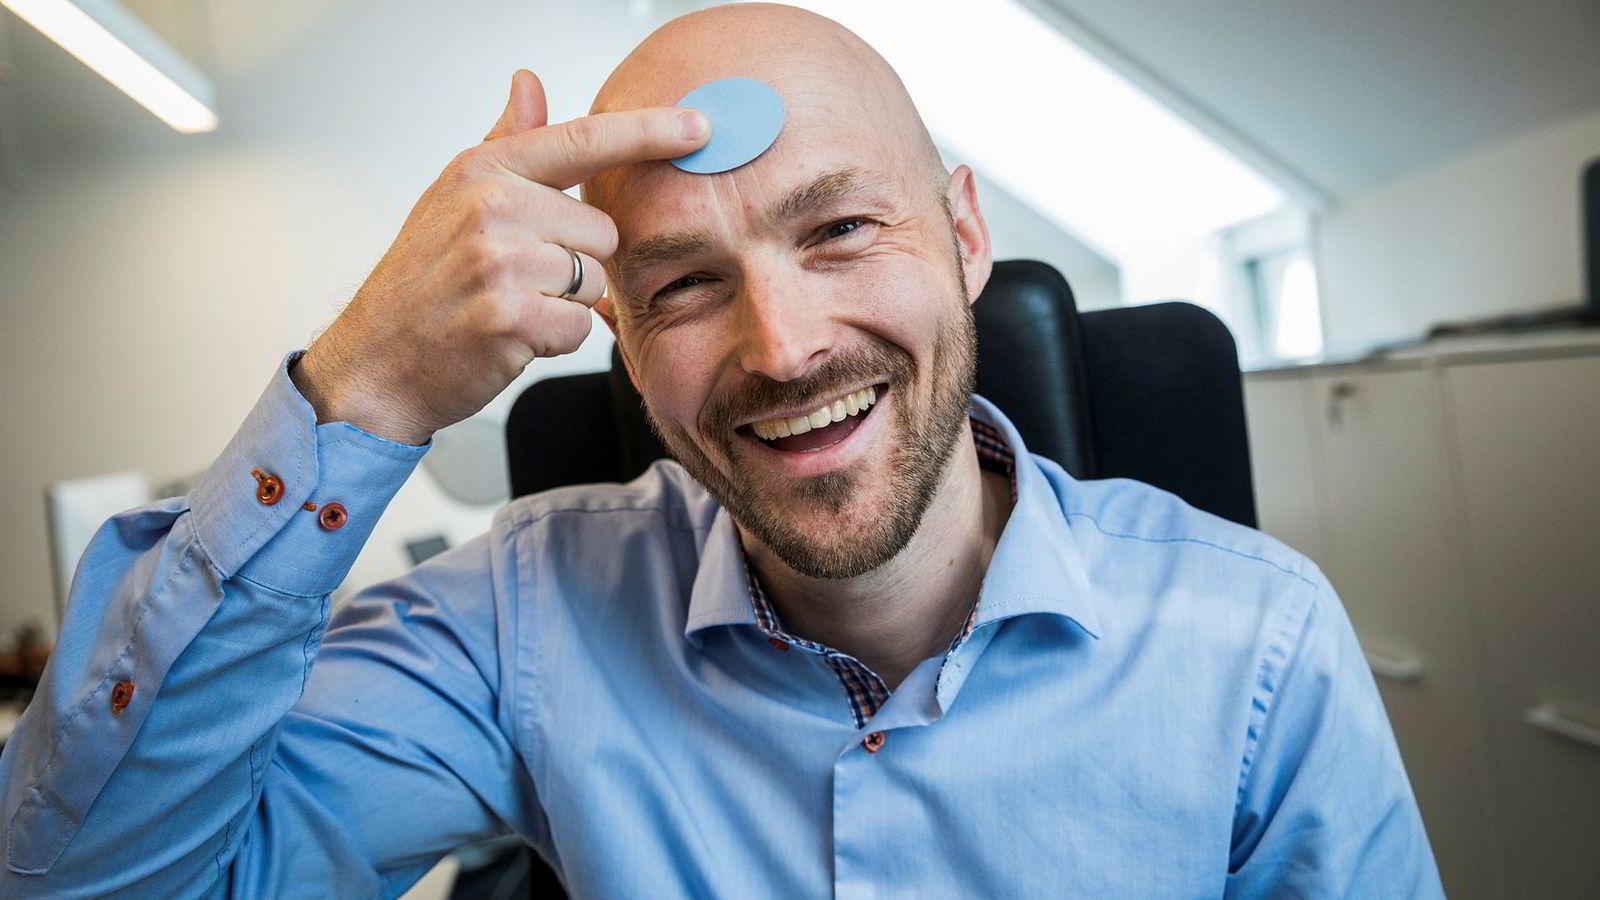 Gründer og daglig leder Kjetil Meisal i Onio viser hvordan sensorer kan festes i pannen eller andre egnede steder, for å måle feberutviklingen konstant.